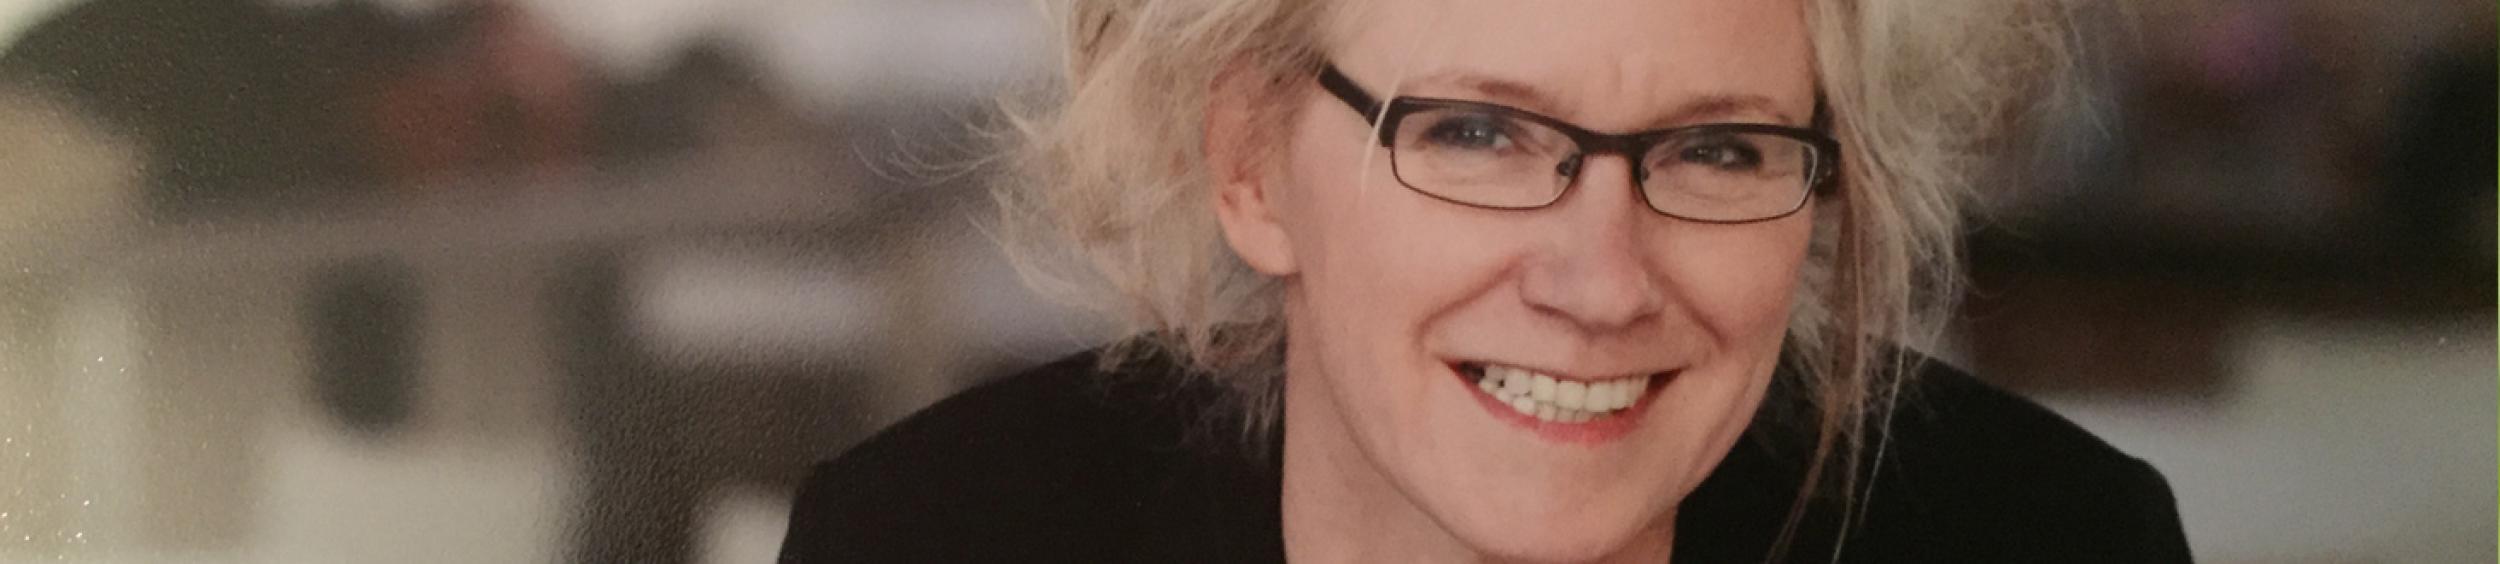 Gabriele Steuer, Gleichstellungsbeauftragte der Stadt Recklinghausen